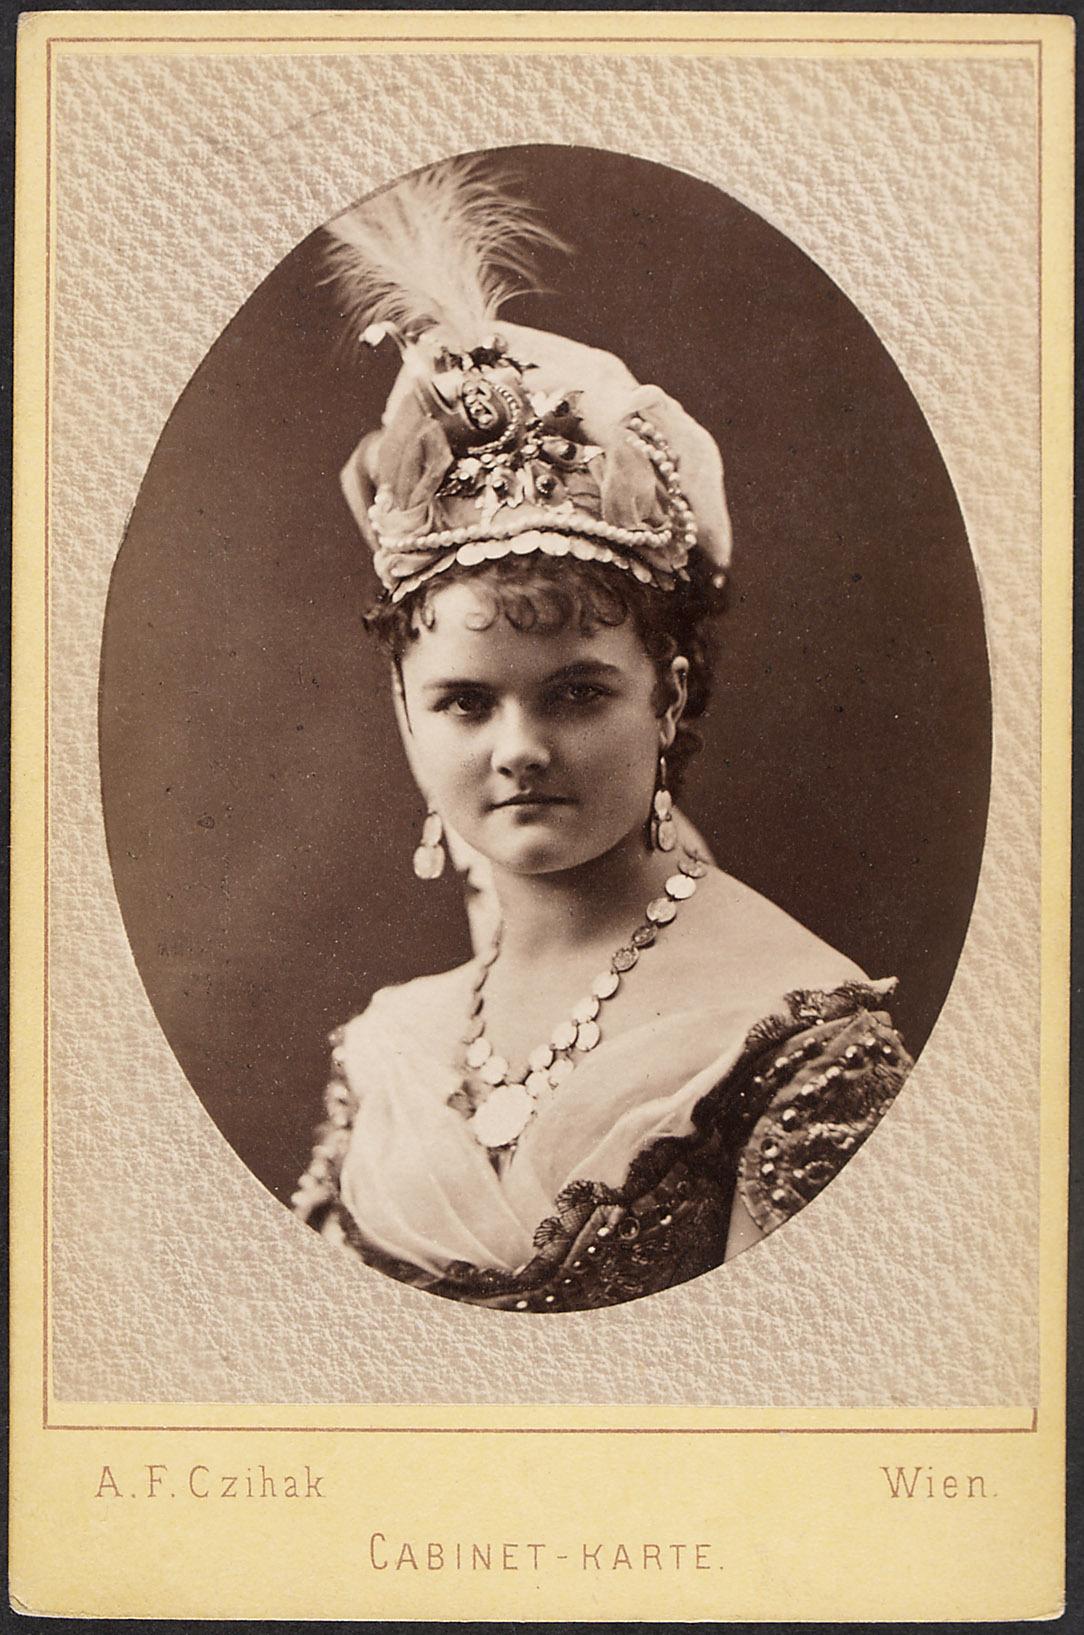 Sofie Staudinger von A. F. Czihak, Wien